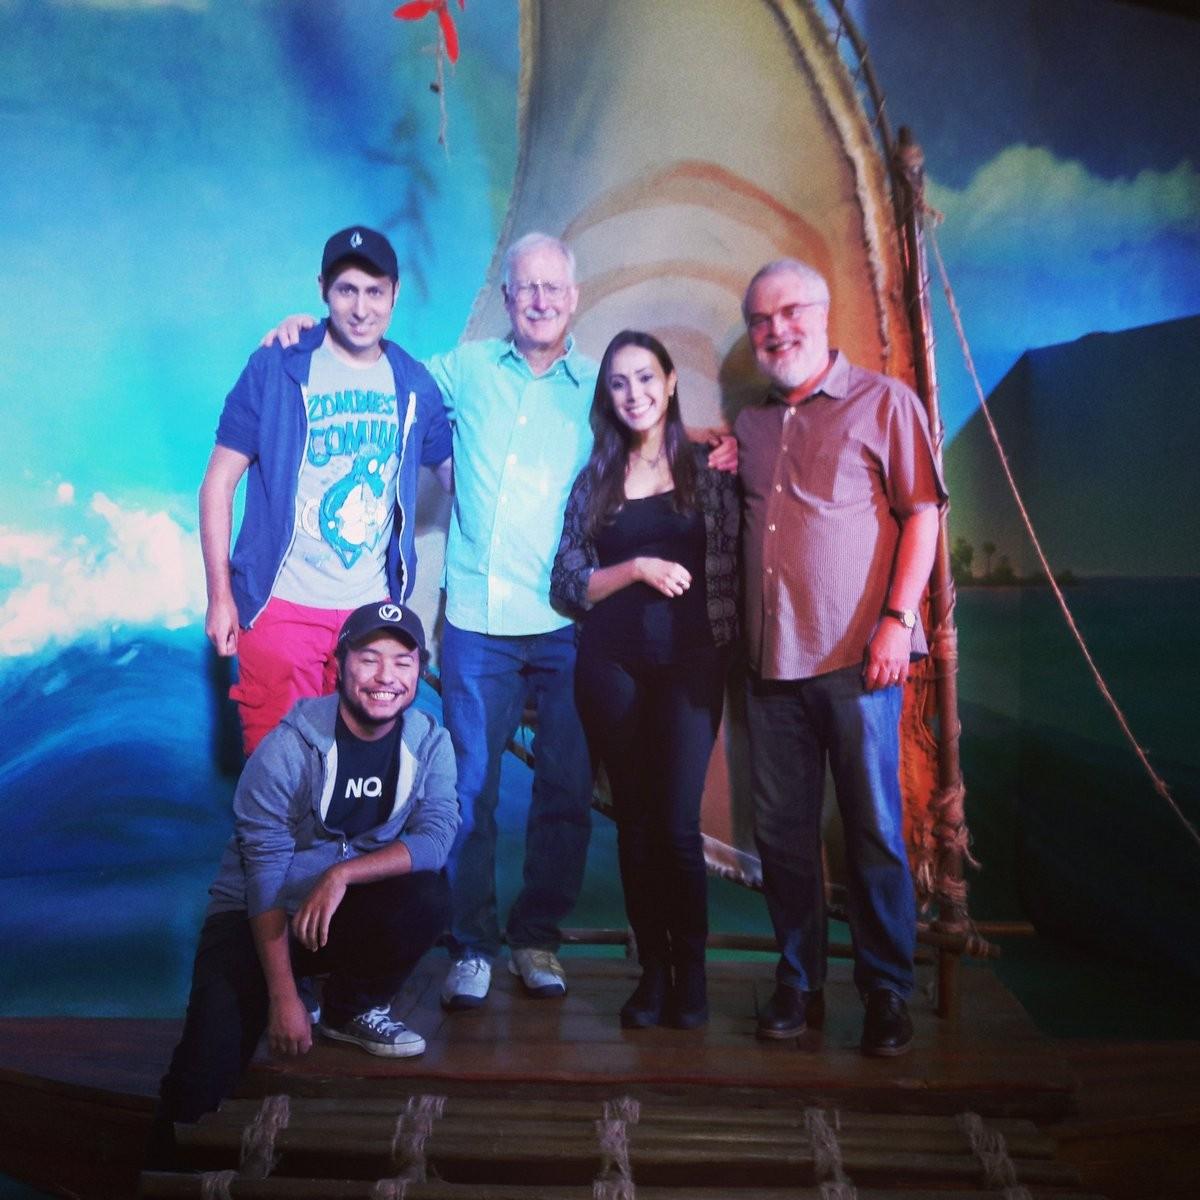 Com os diretores de 'Moana', Ron Clements e John Musker, e outros artistas brasileiros (Foto: Reprodução/Twitter)